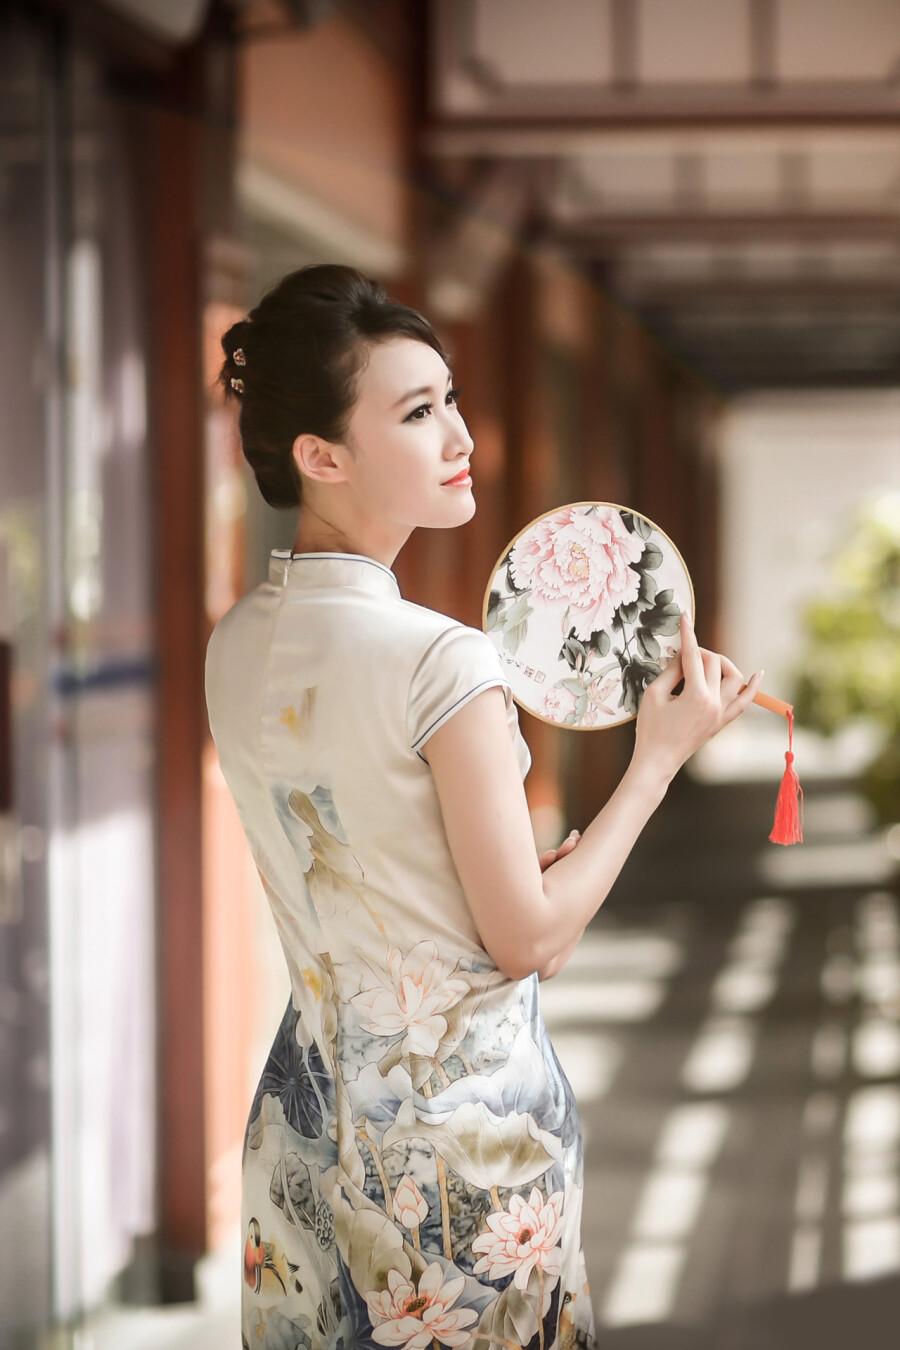 【高清大图;旗袍美少妇..】 - 下页 - 下页博客